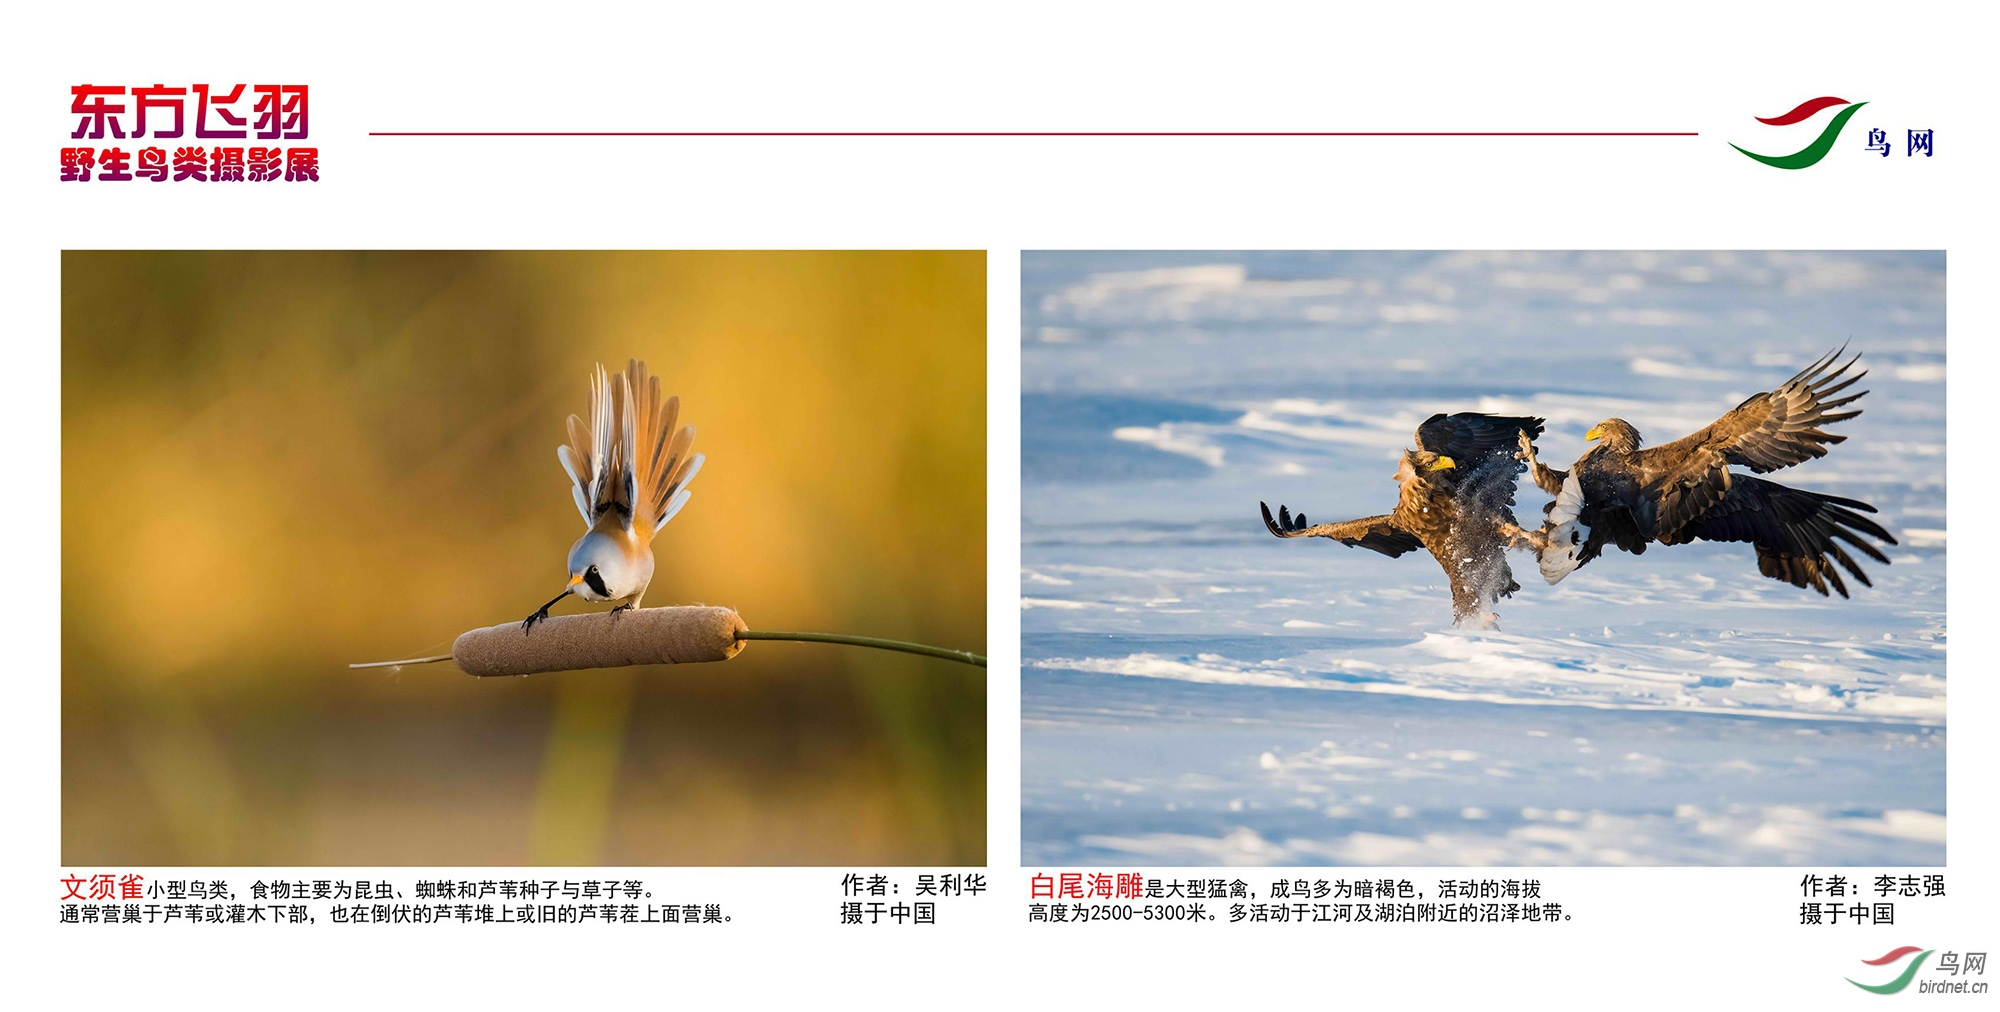 1_东方明珠摄影展照片_22.jpg